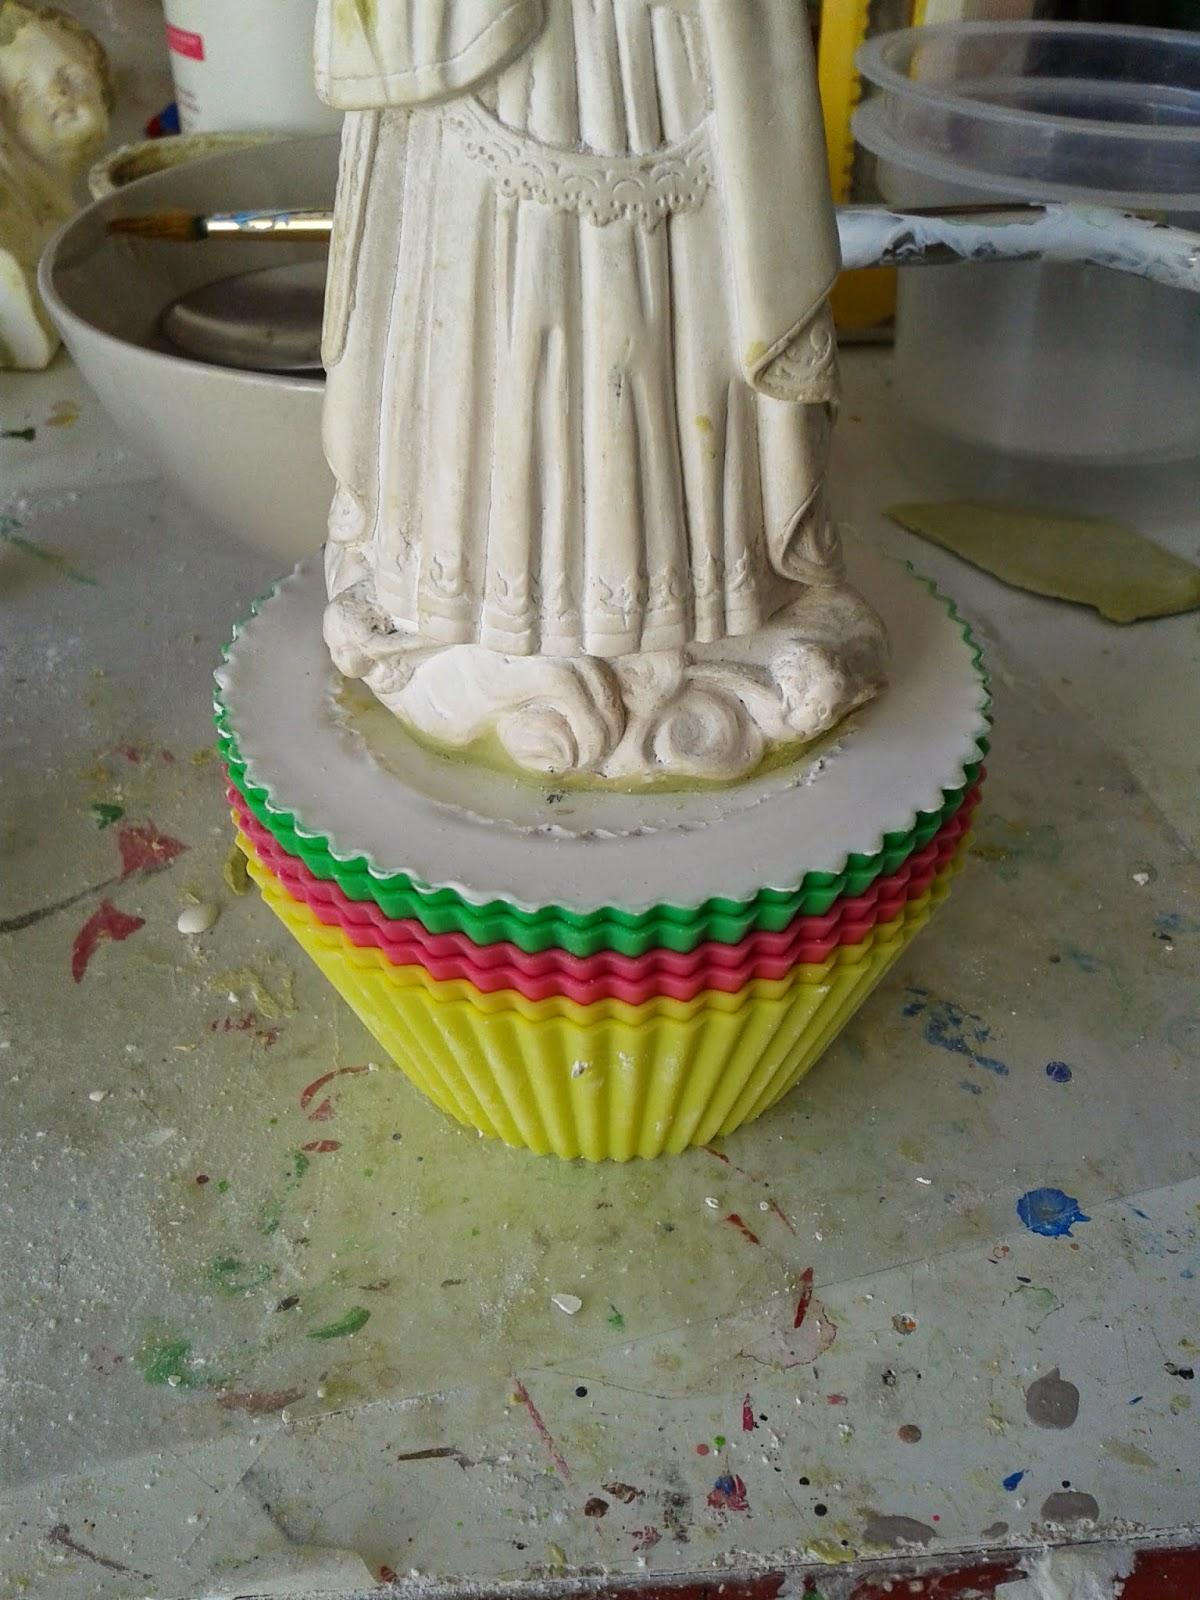 Magasin Moule Platre Cup Cake